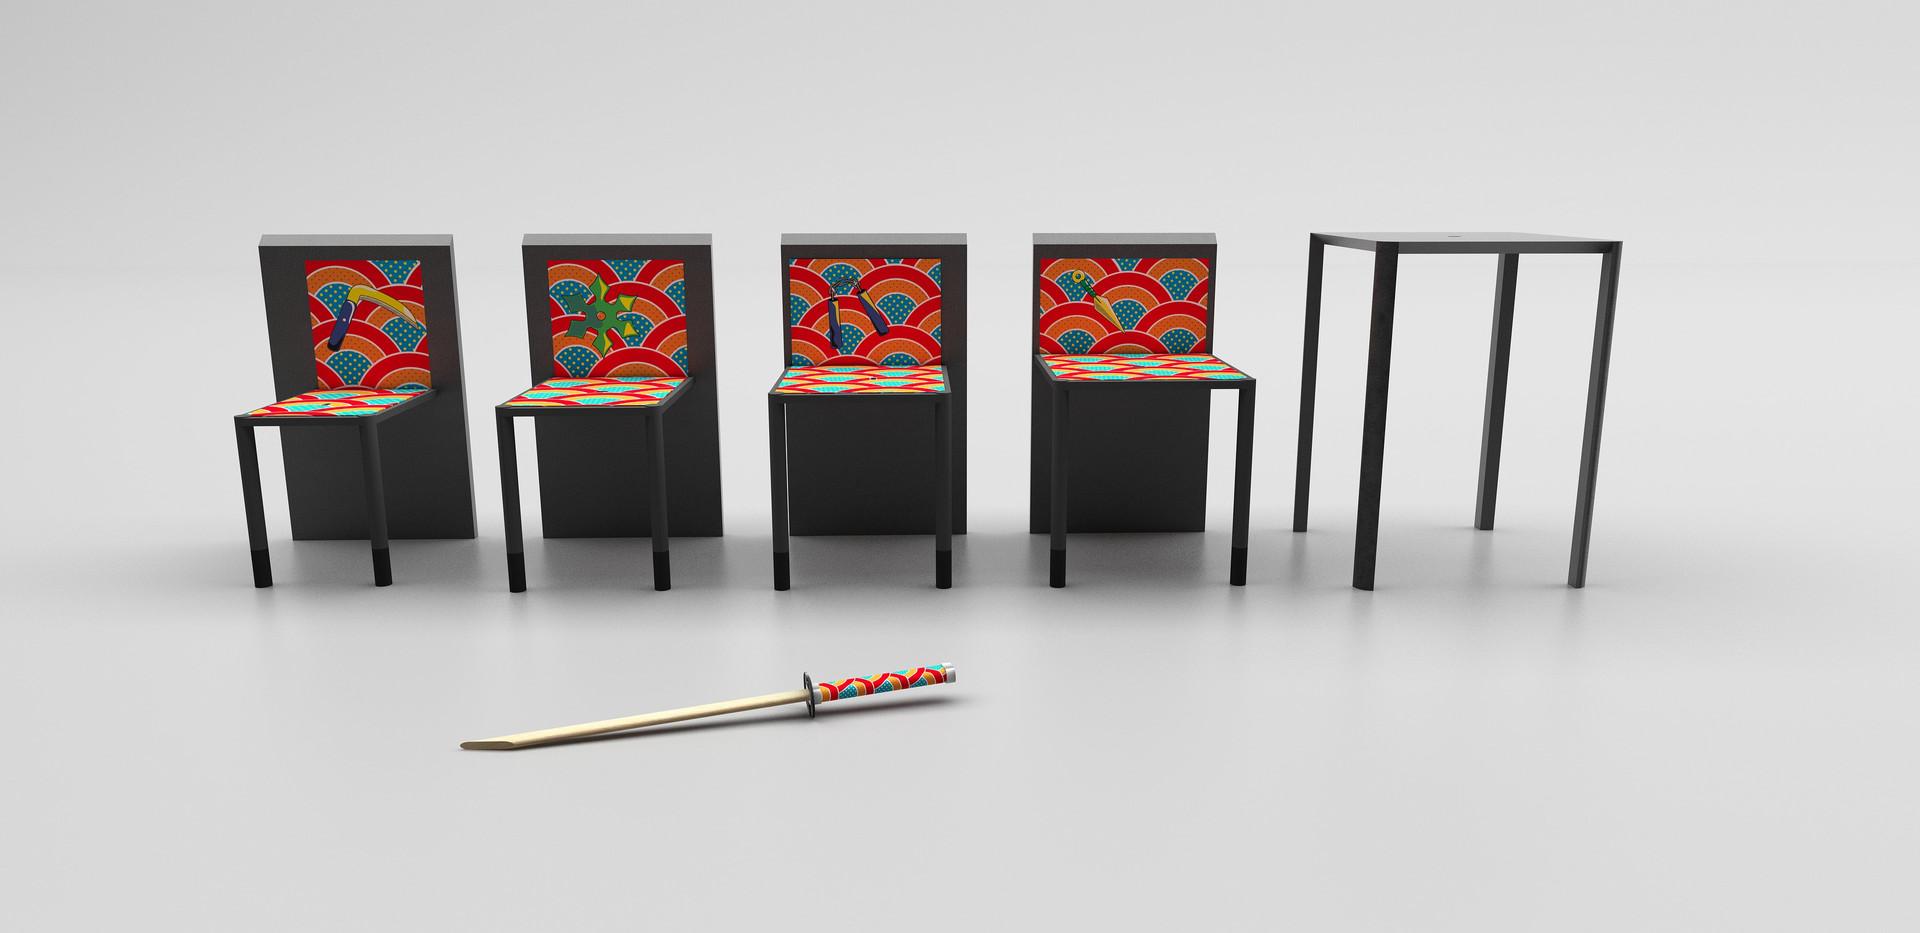 NINJA TABLE, Marco Guariglia Design, Size M design studio.